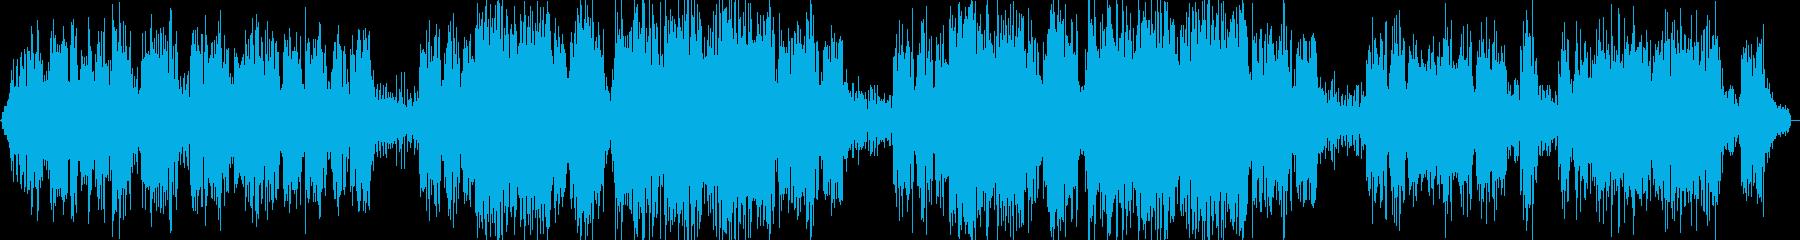 【雷/電気系】帯電の再生済みの波形